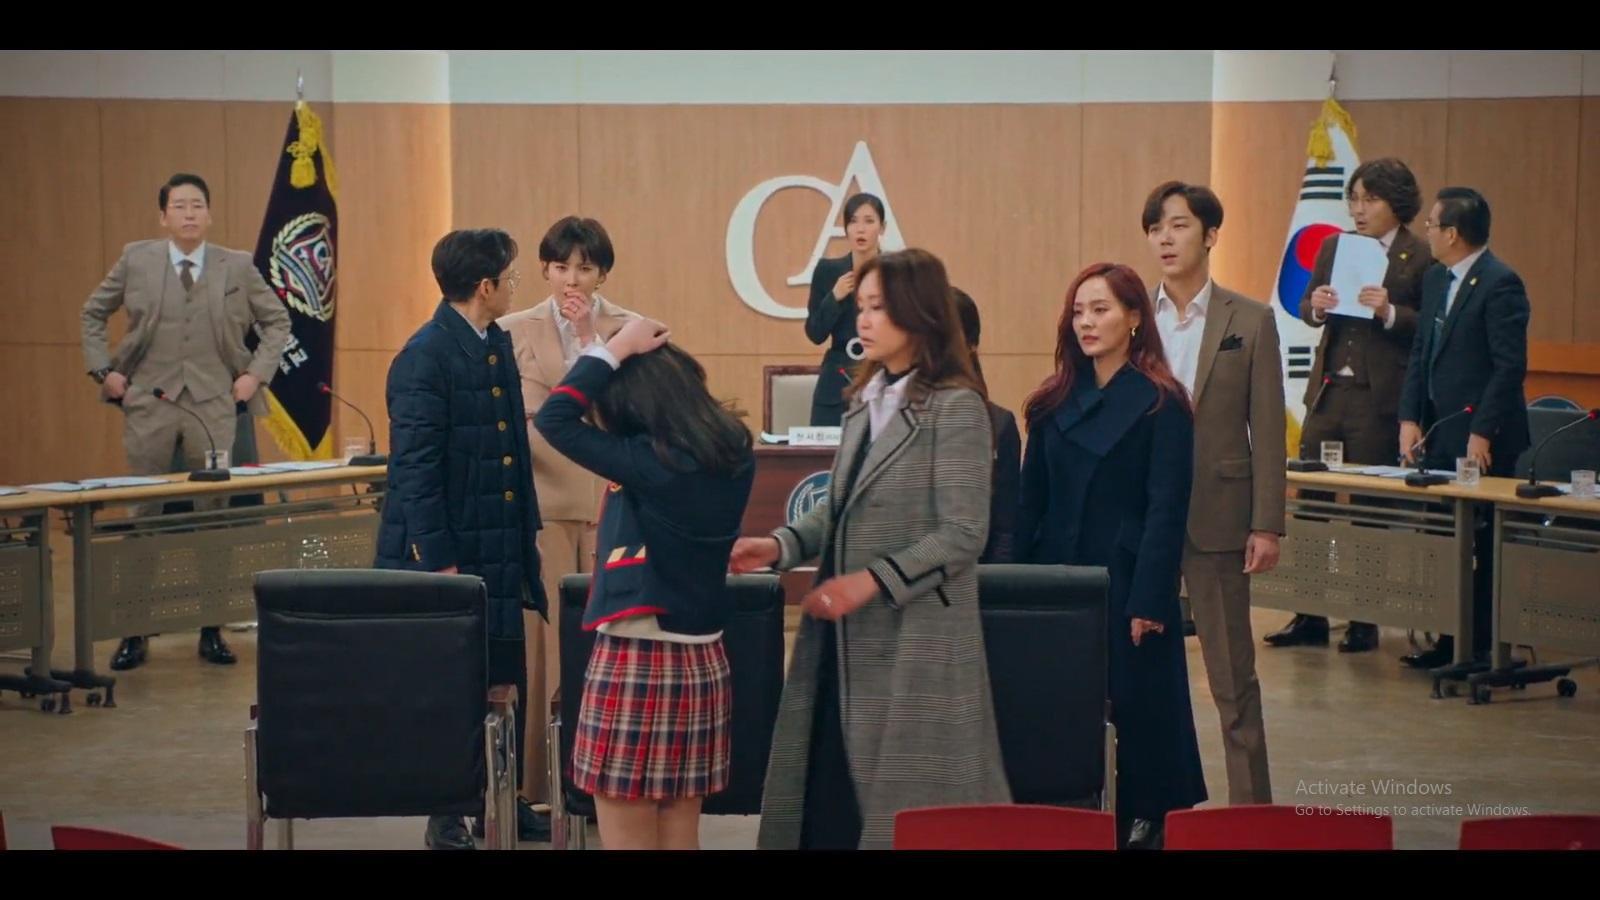 Yoo Jenny membongkar tindakan perisakan yang dilakukan Lee Min Hyuk, Joo Seok Kyung, dan Ha Eun Byeol.